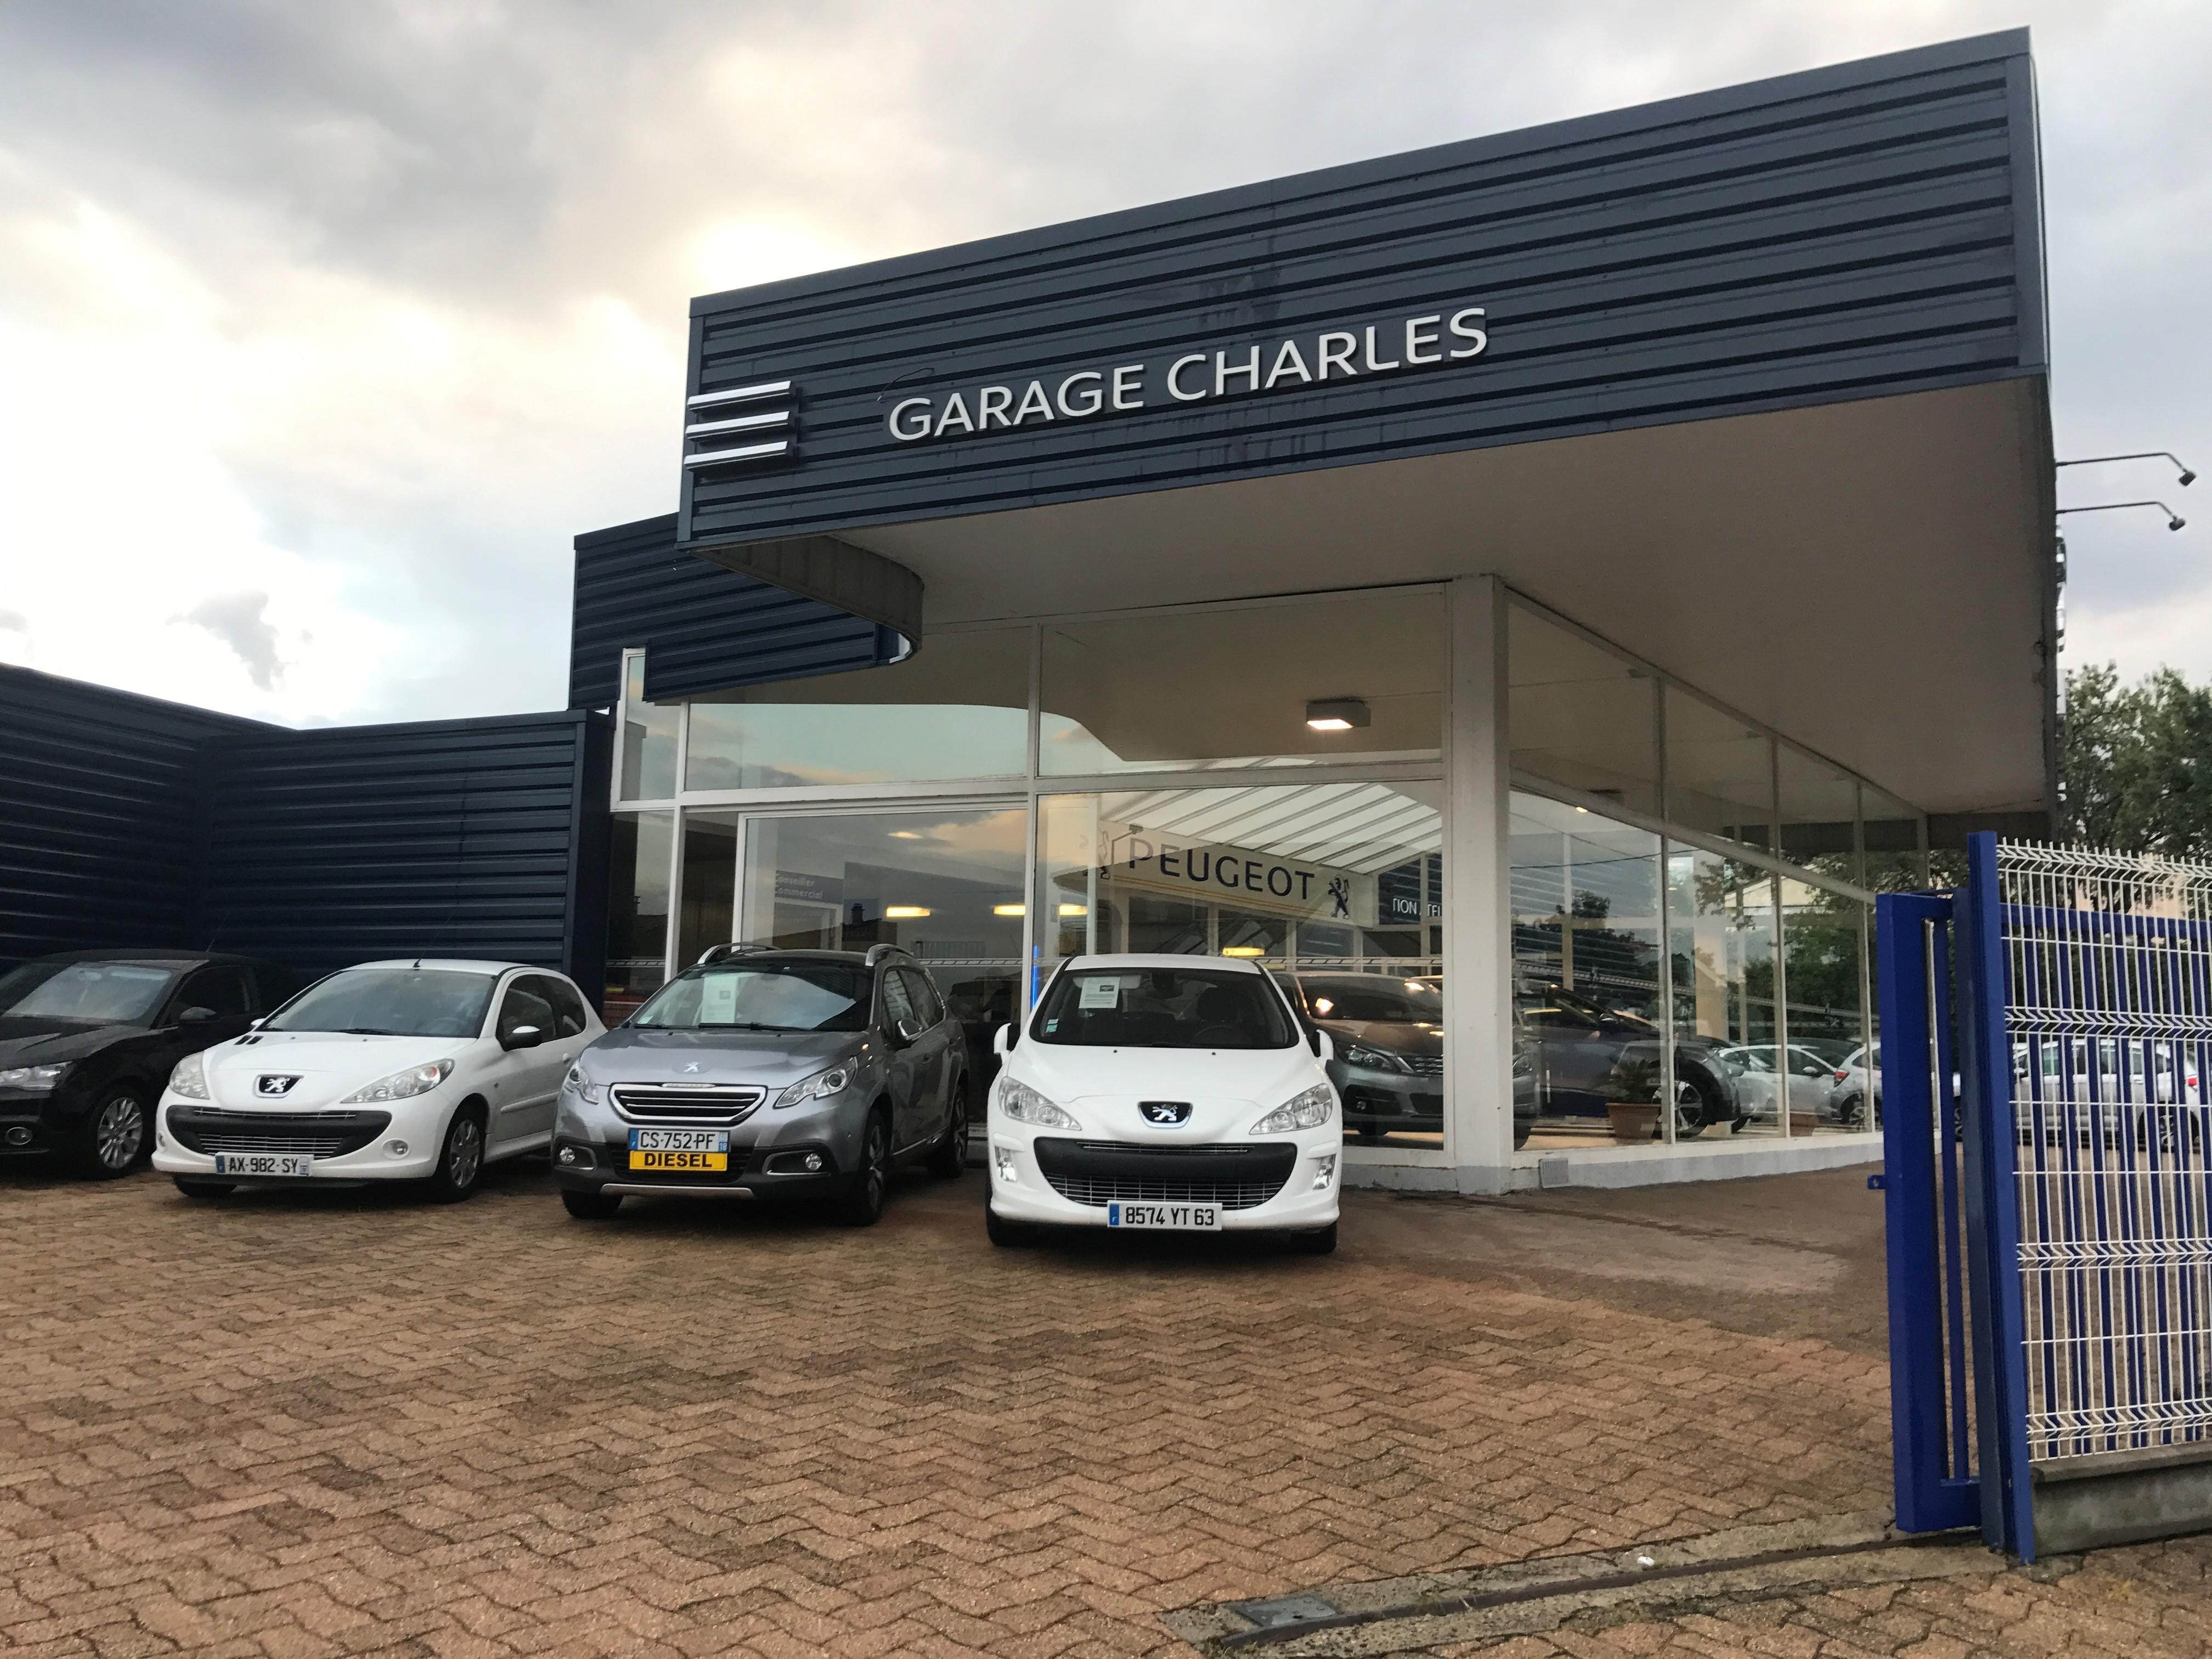 Garage charles voiture occasion cournon d 39 auvergne vente auto cournon d 39 auvergne - Garage cournon d auvergne ...